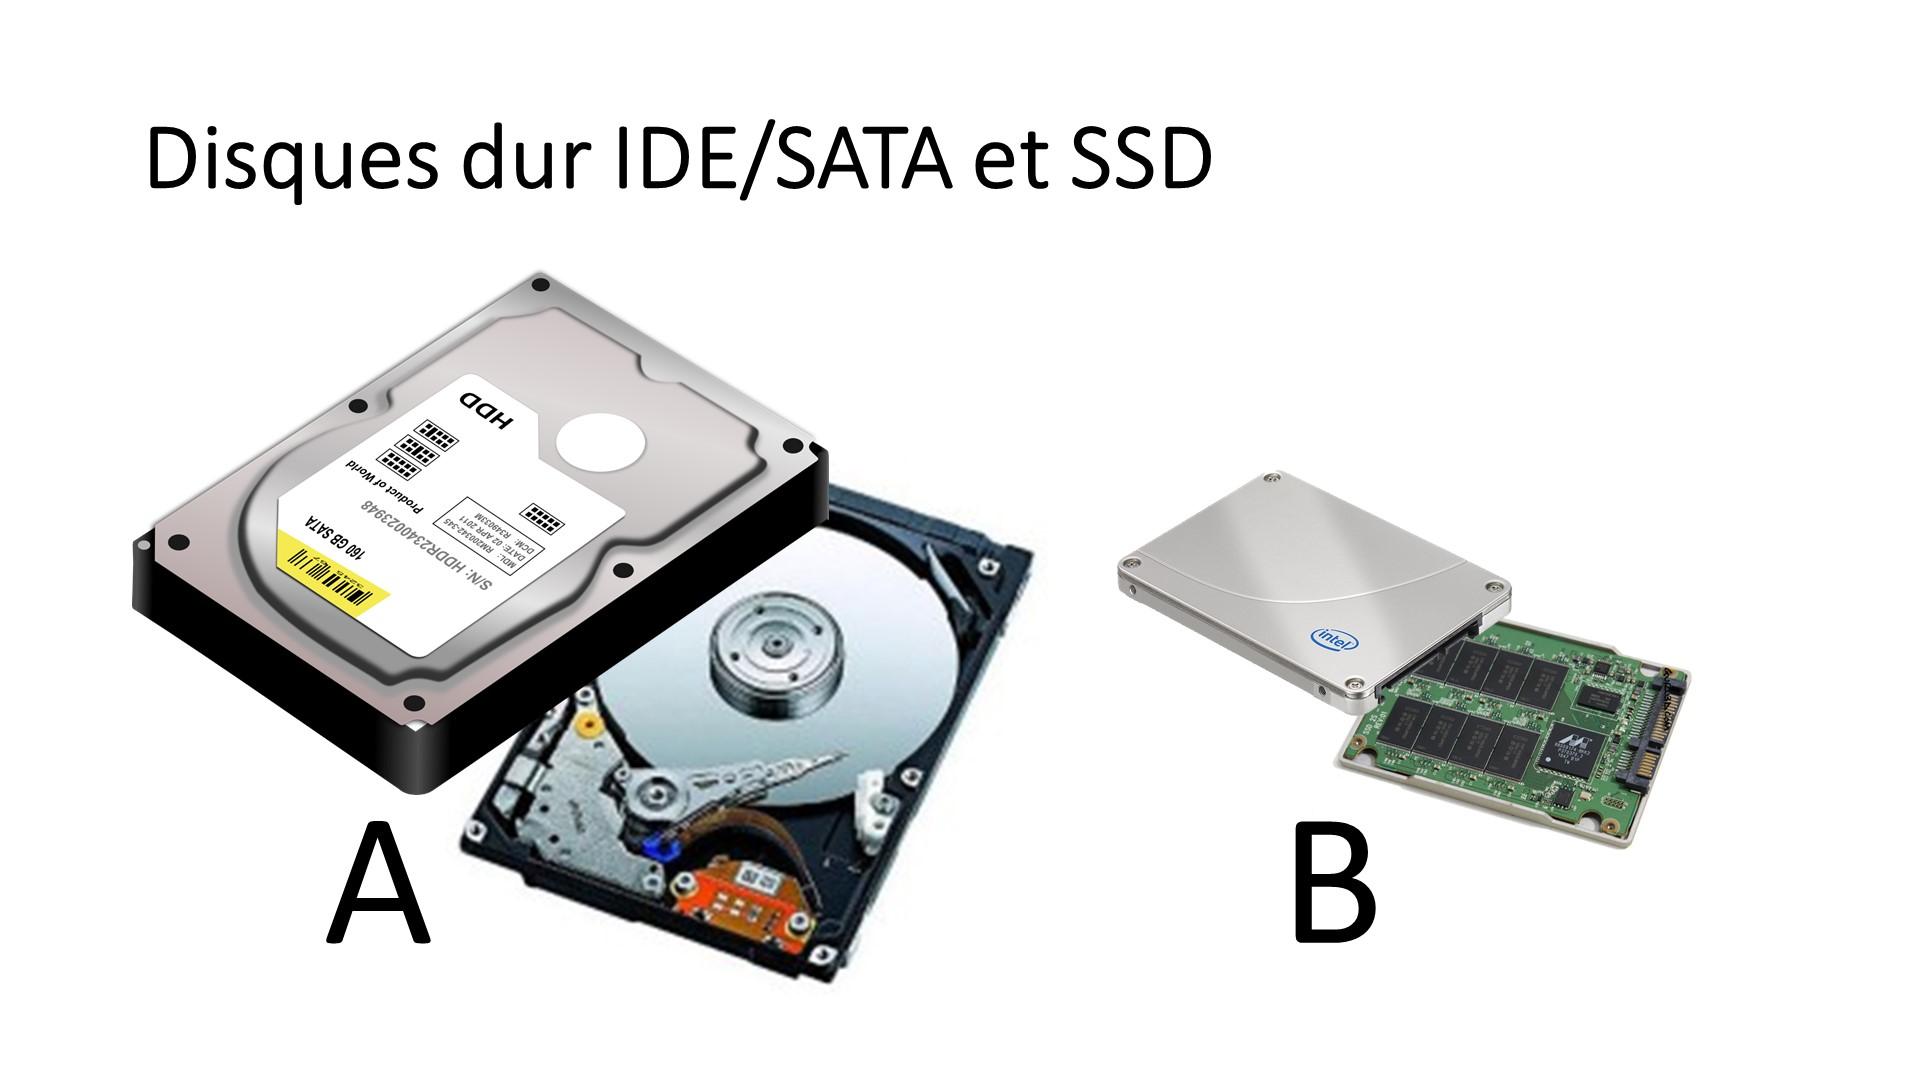 Disques durs IDE/SATA et SSD